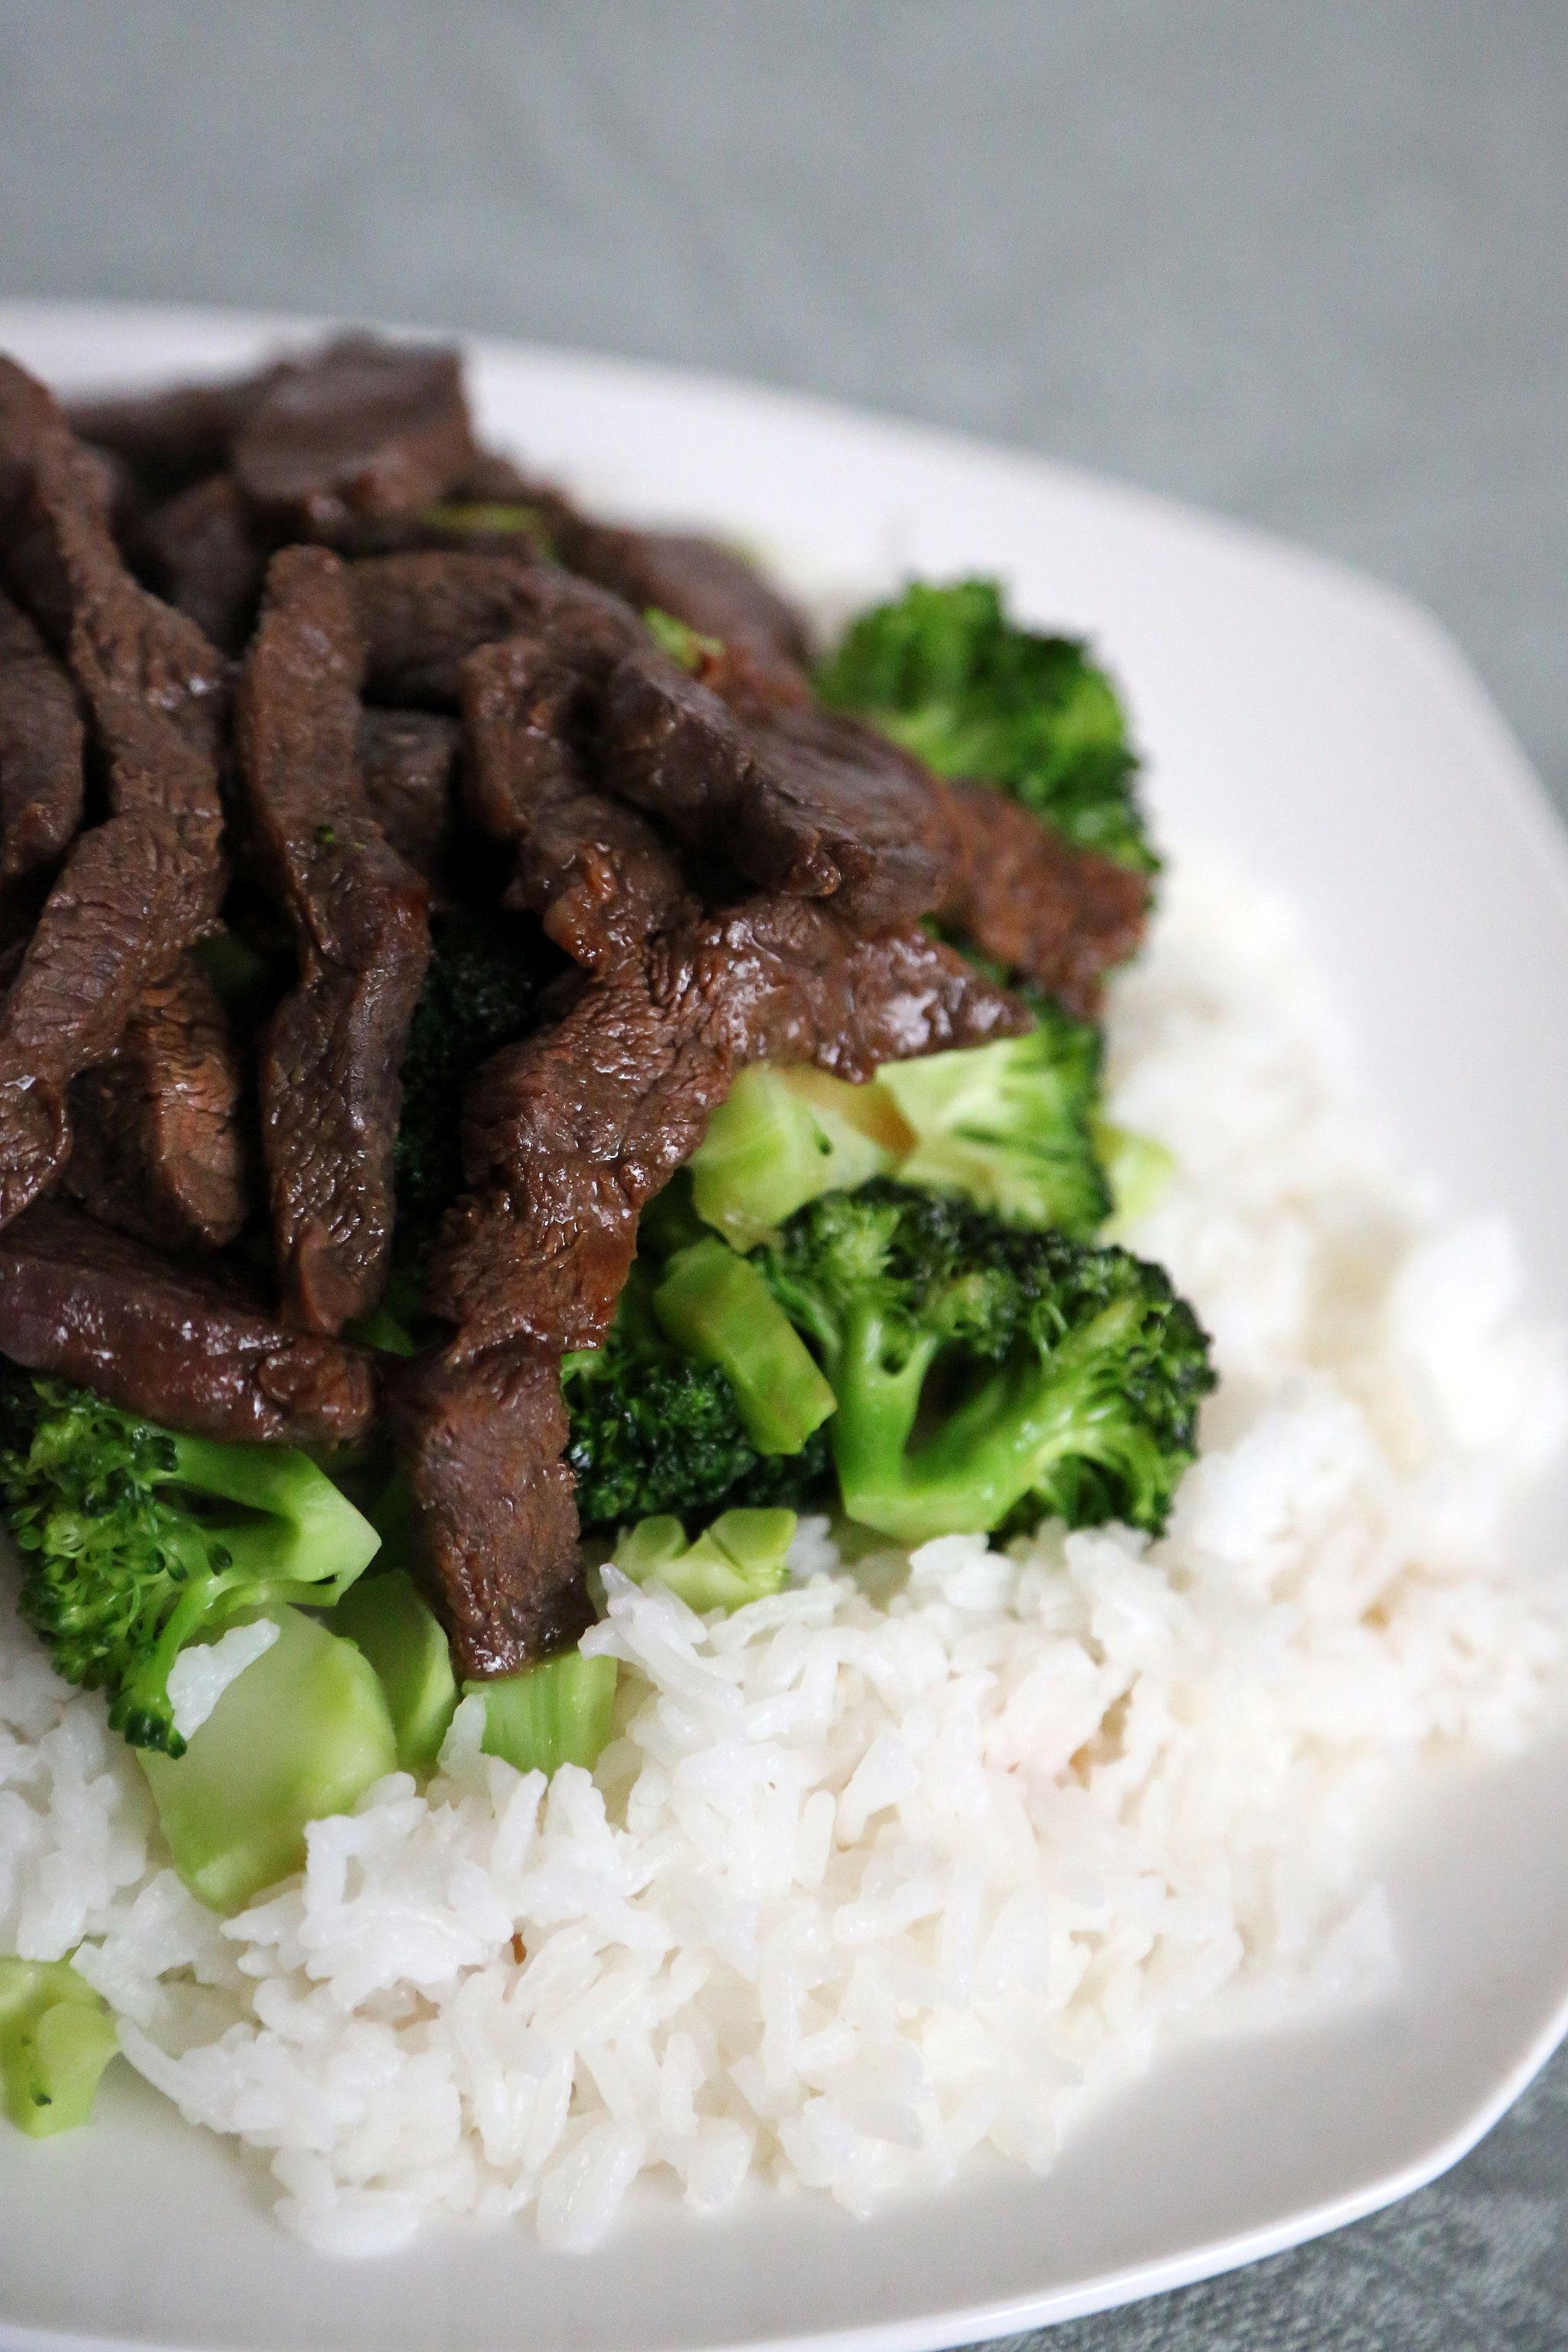 Herinner je mijn artikel nog over broccoli(lees hier)en hoe gezond dit is om minimaal 2x per week op je menu te hebben staan? Ik heb daarom een heerlijk recept voor je neergezet hieronder. Gebruik dit recept om je menu gevarieerd te maken. De biefstuk en de marinade zorgen voor een heerlijke smaak naast de broccoli, die niemand aan tafel zal kunnen weerstaan. Ingrediënten 1/2 pond biefstuk, gesneden in dunne stukken (5-7cm) 2 eetlepels sojasaus 1 eetlepel oestersaus 1 theelepel suiker ...